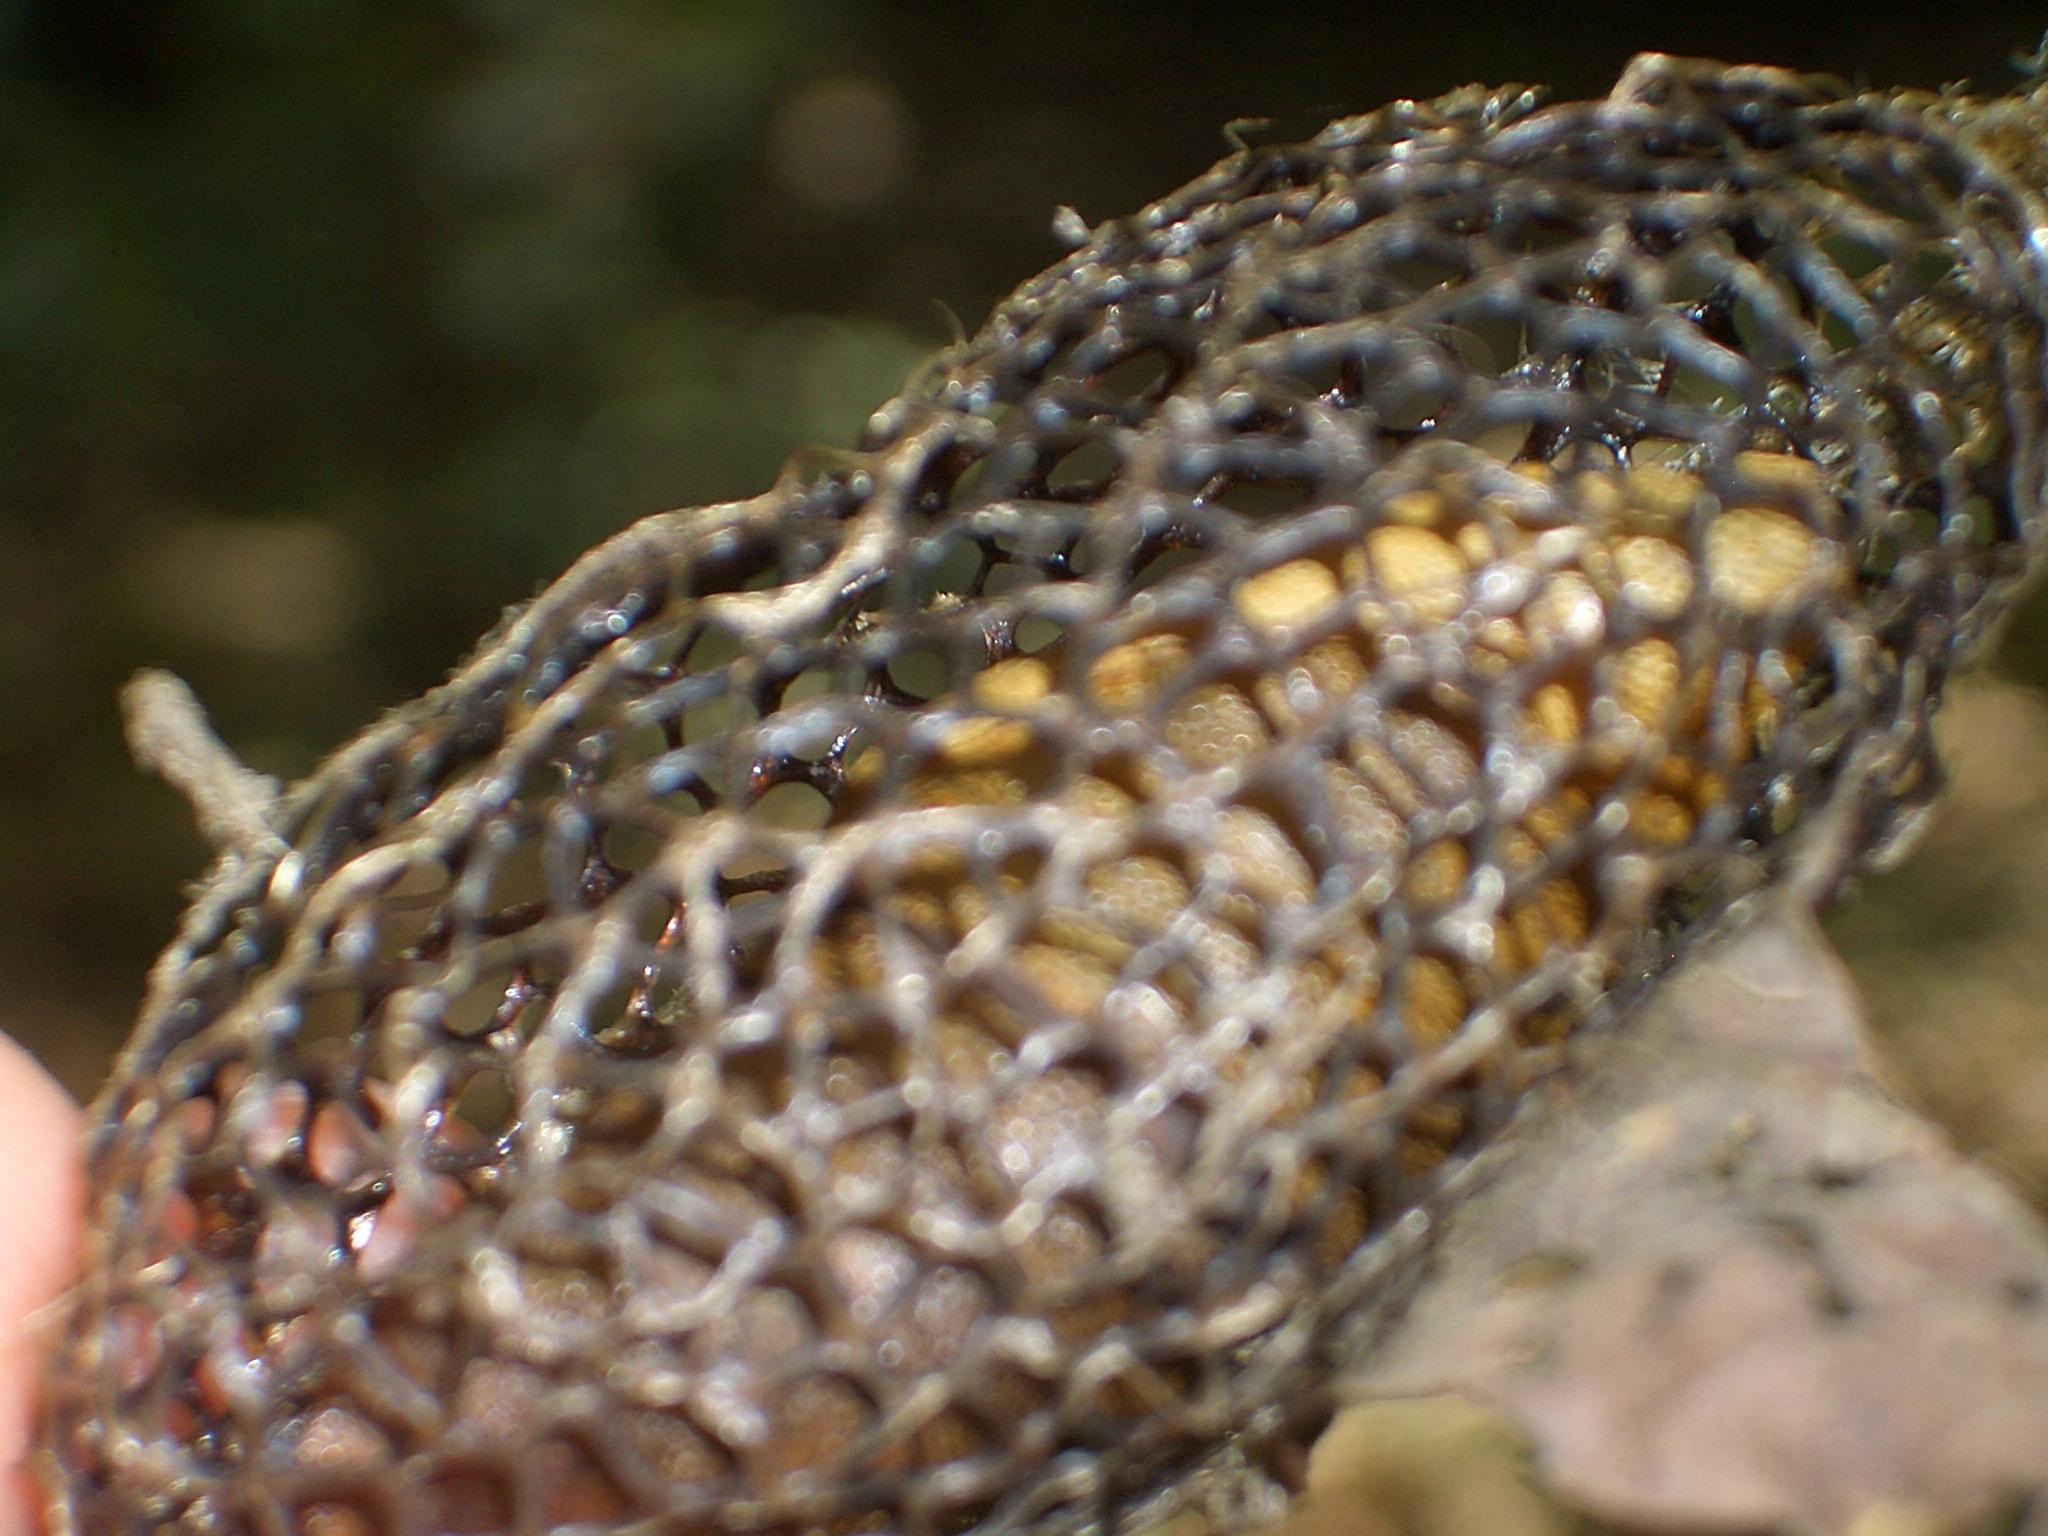 Image of Spongeflies